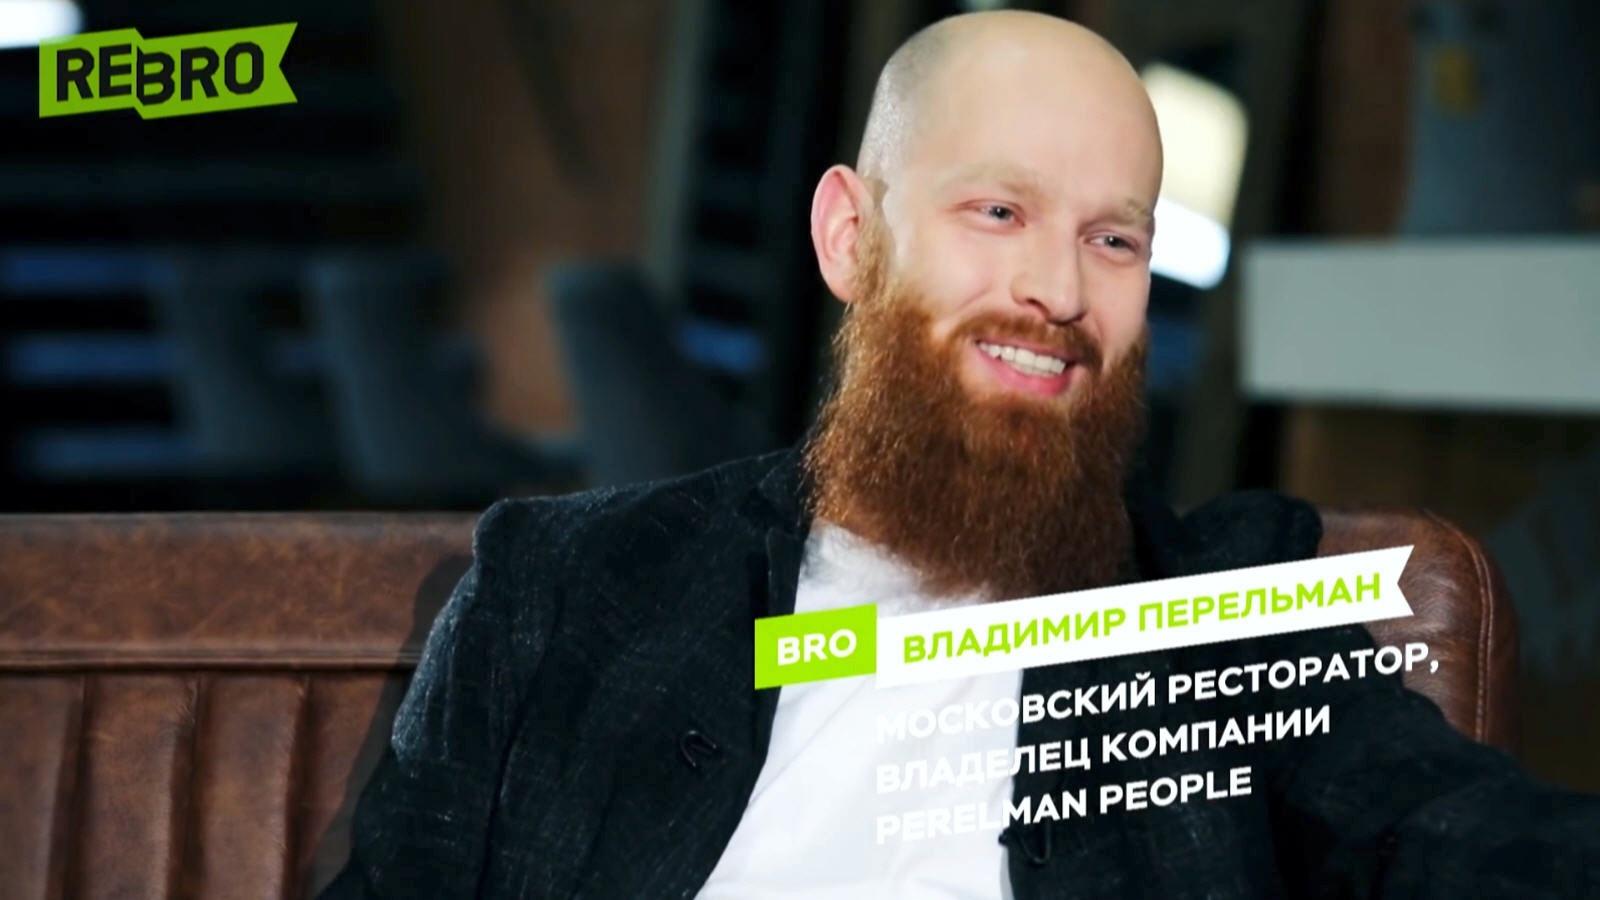 Владимир Перельман - владелец ресторанного холдинга Perelman People